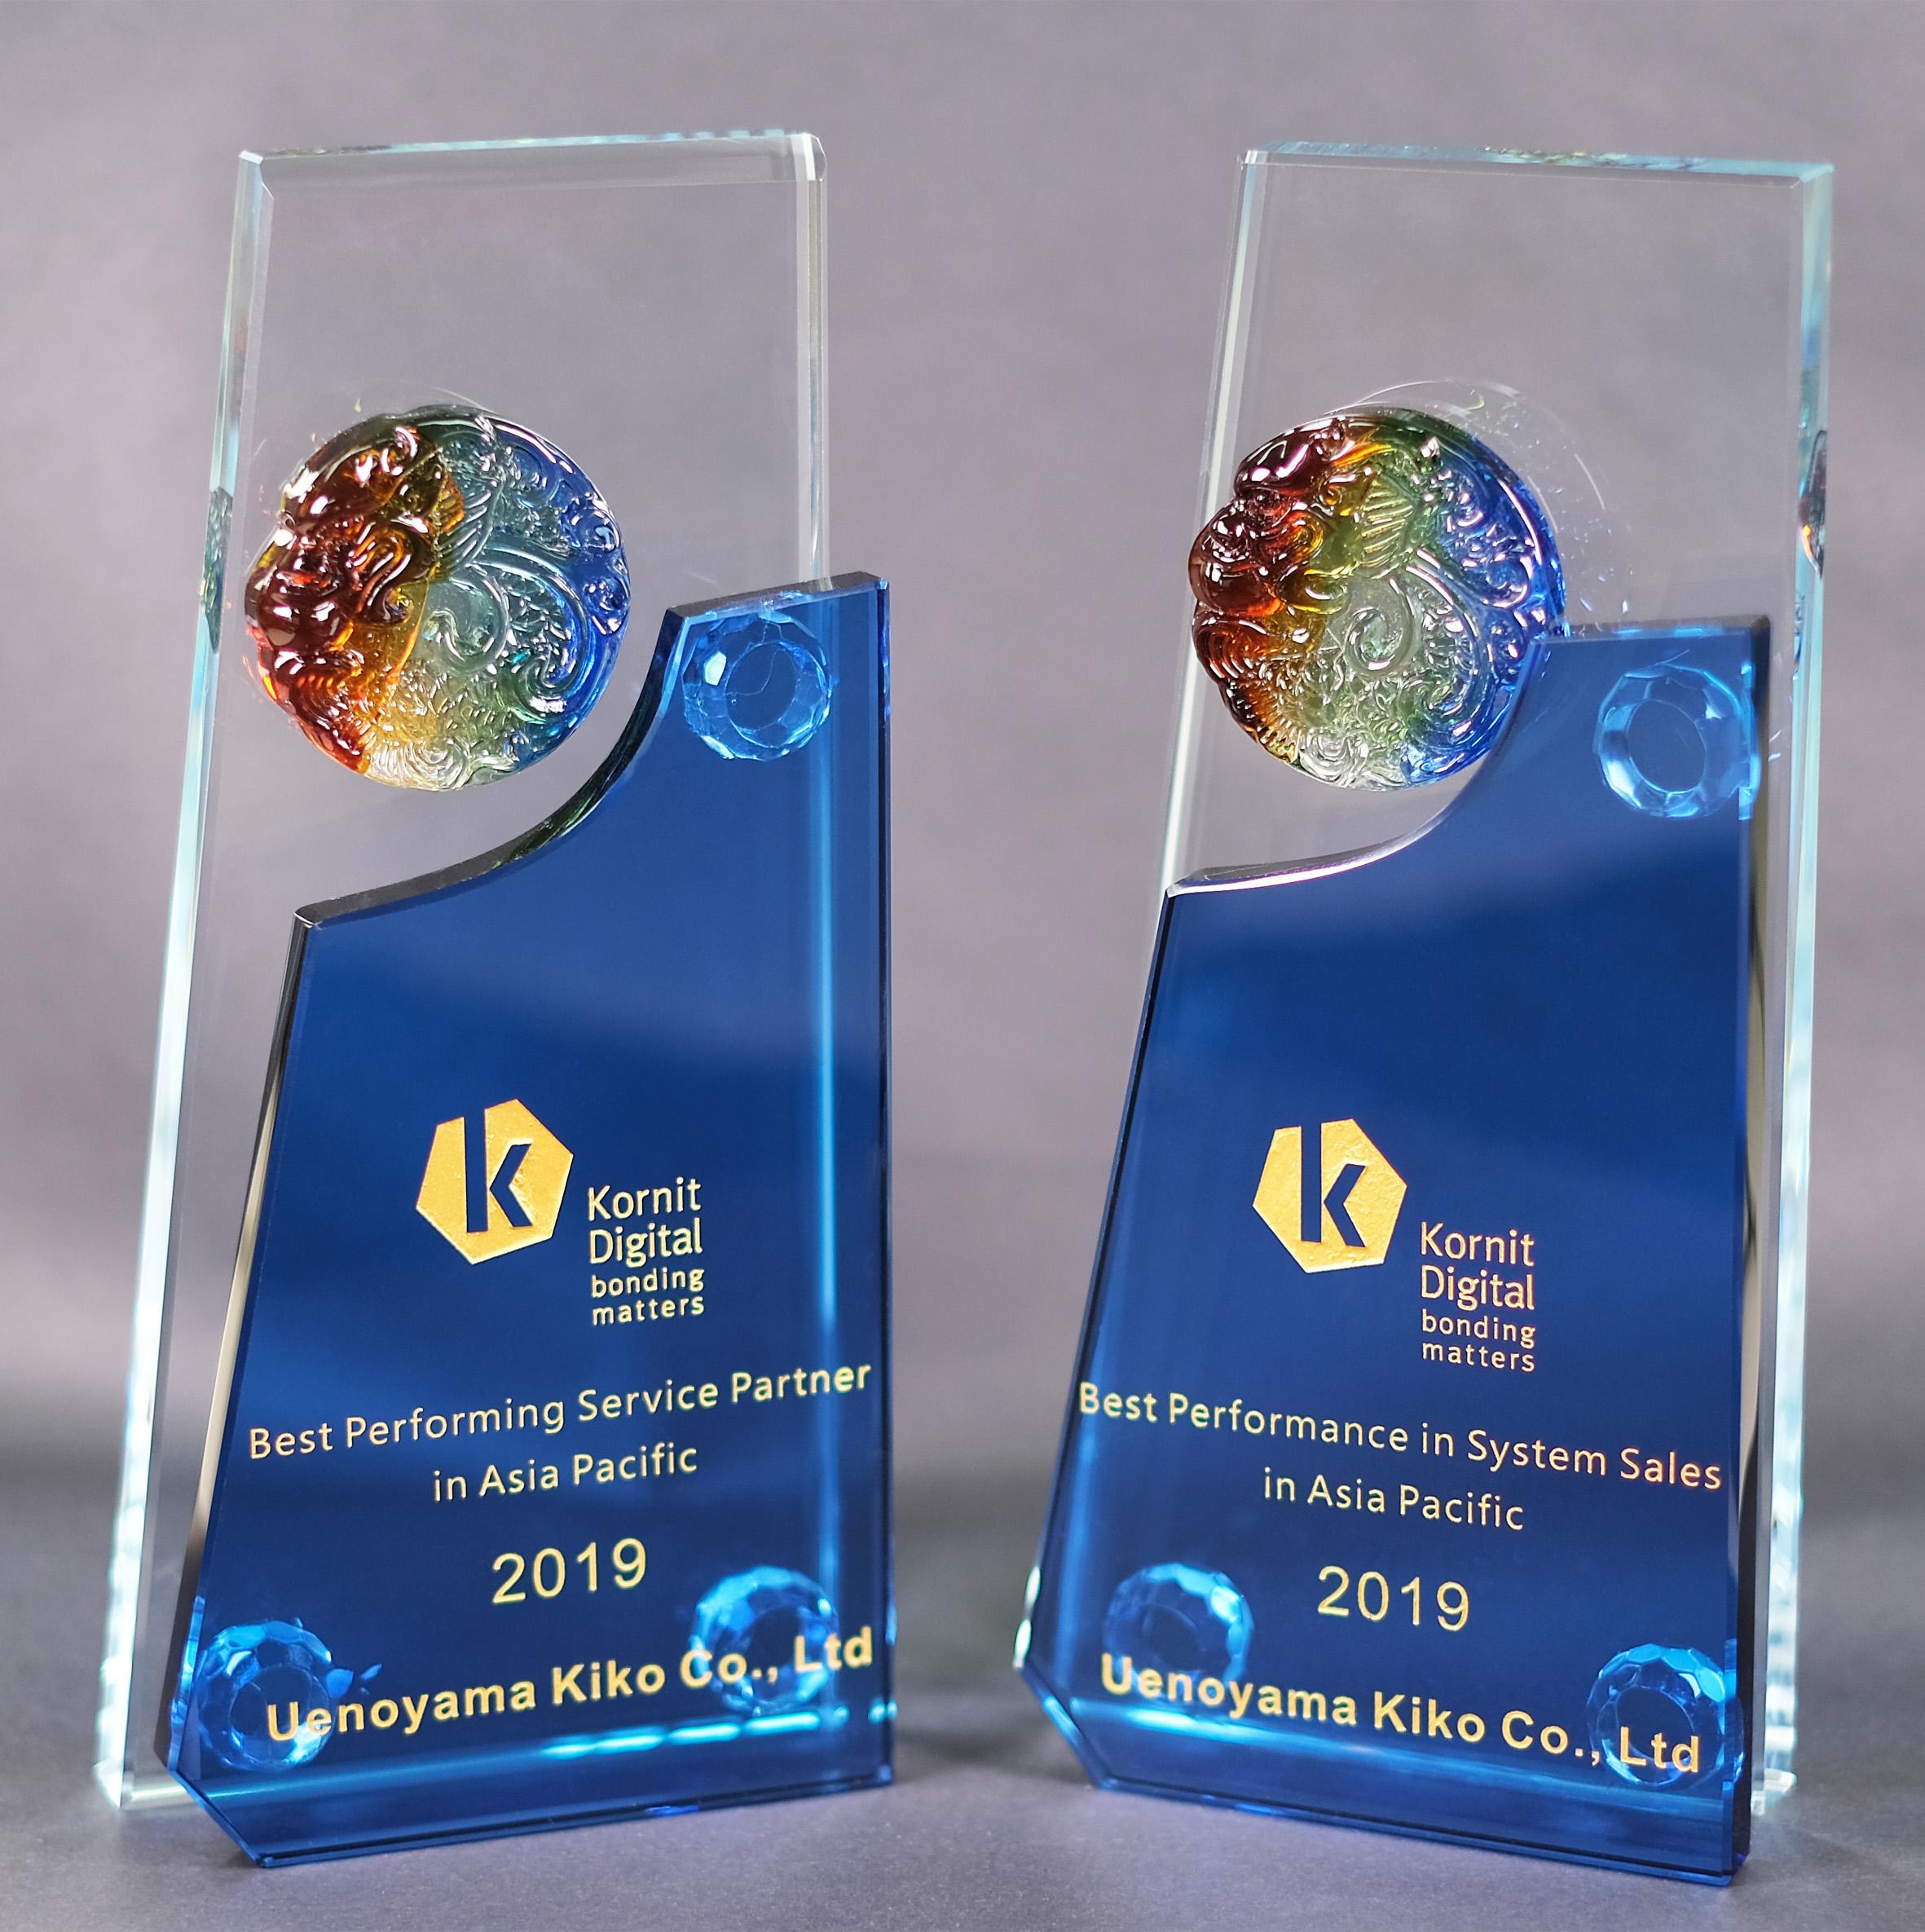 KornitDigital社よりベストパフォーミング賞をダブル受賞しました